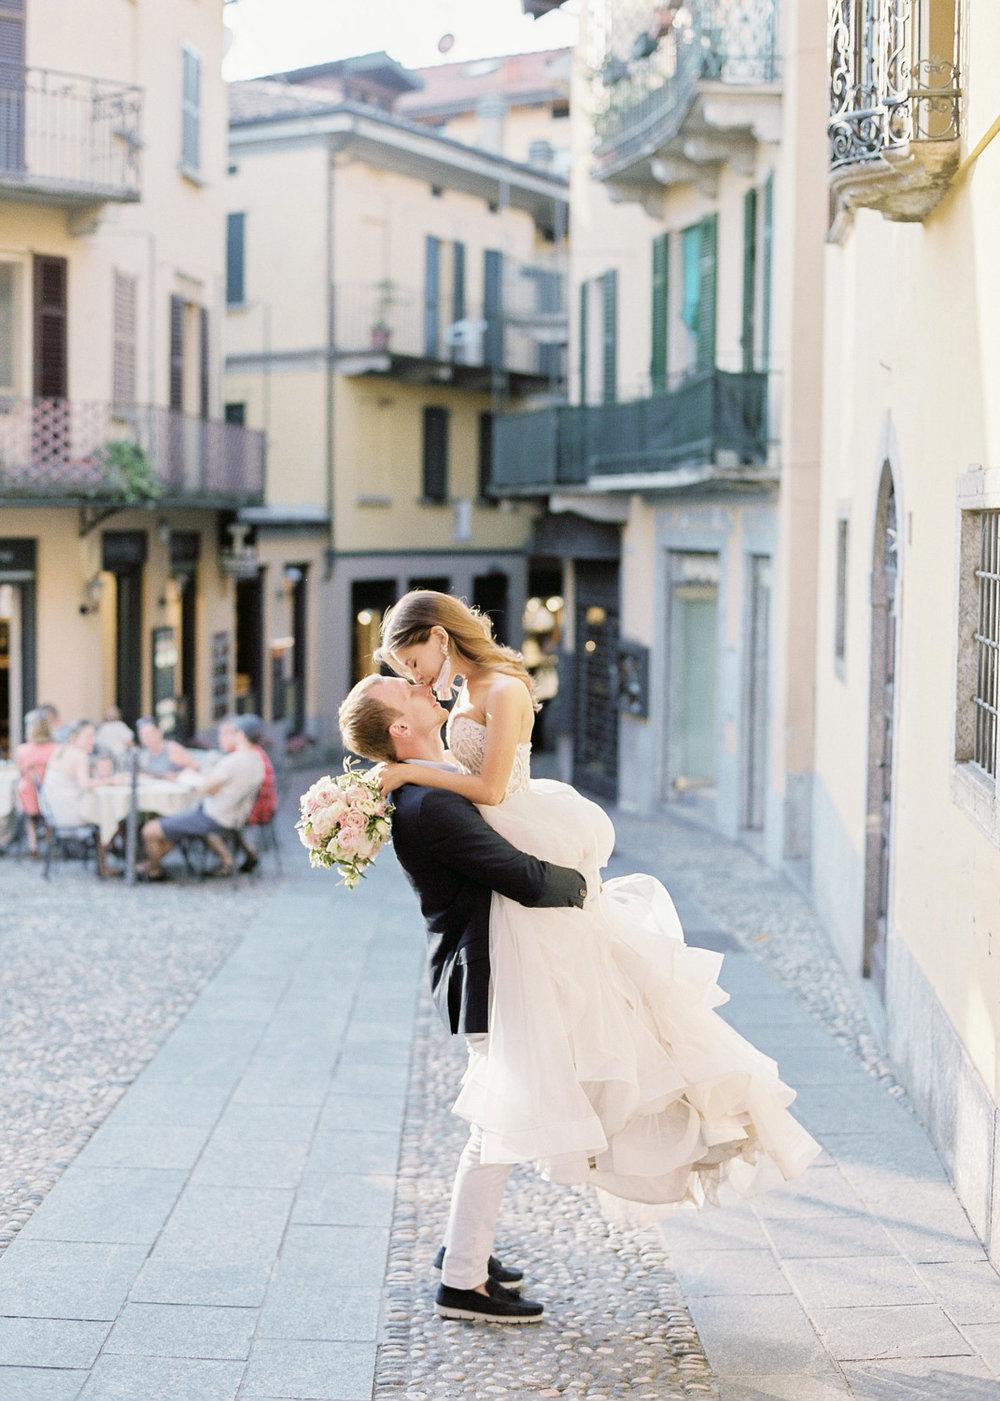 K&K Como, Italy